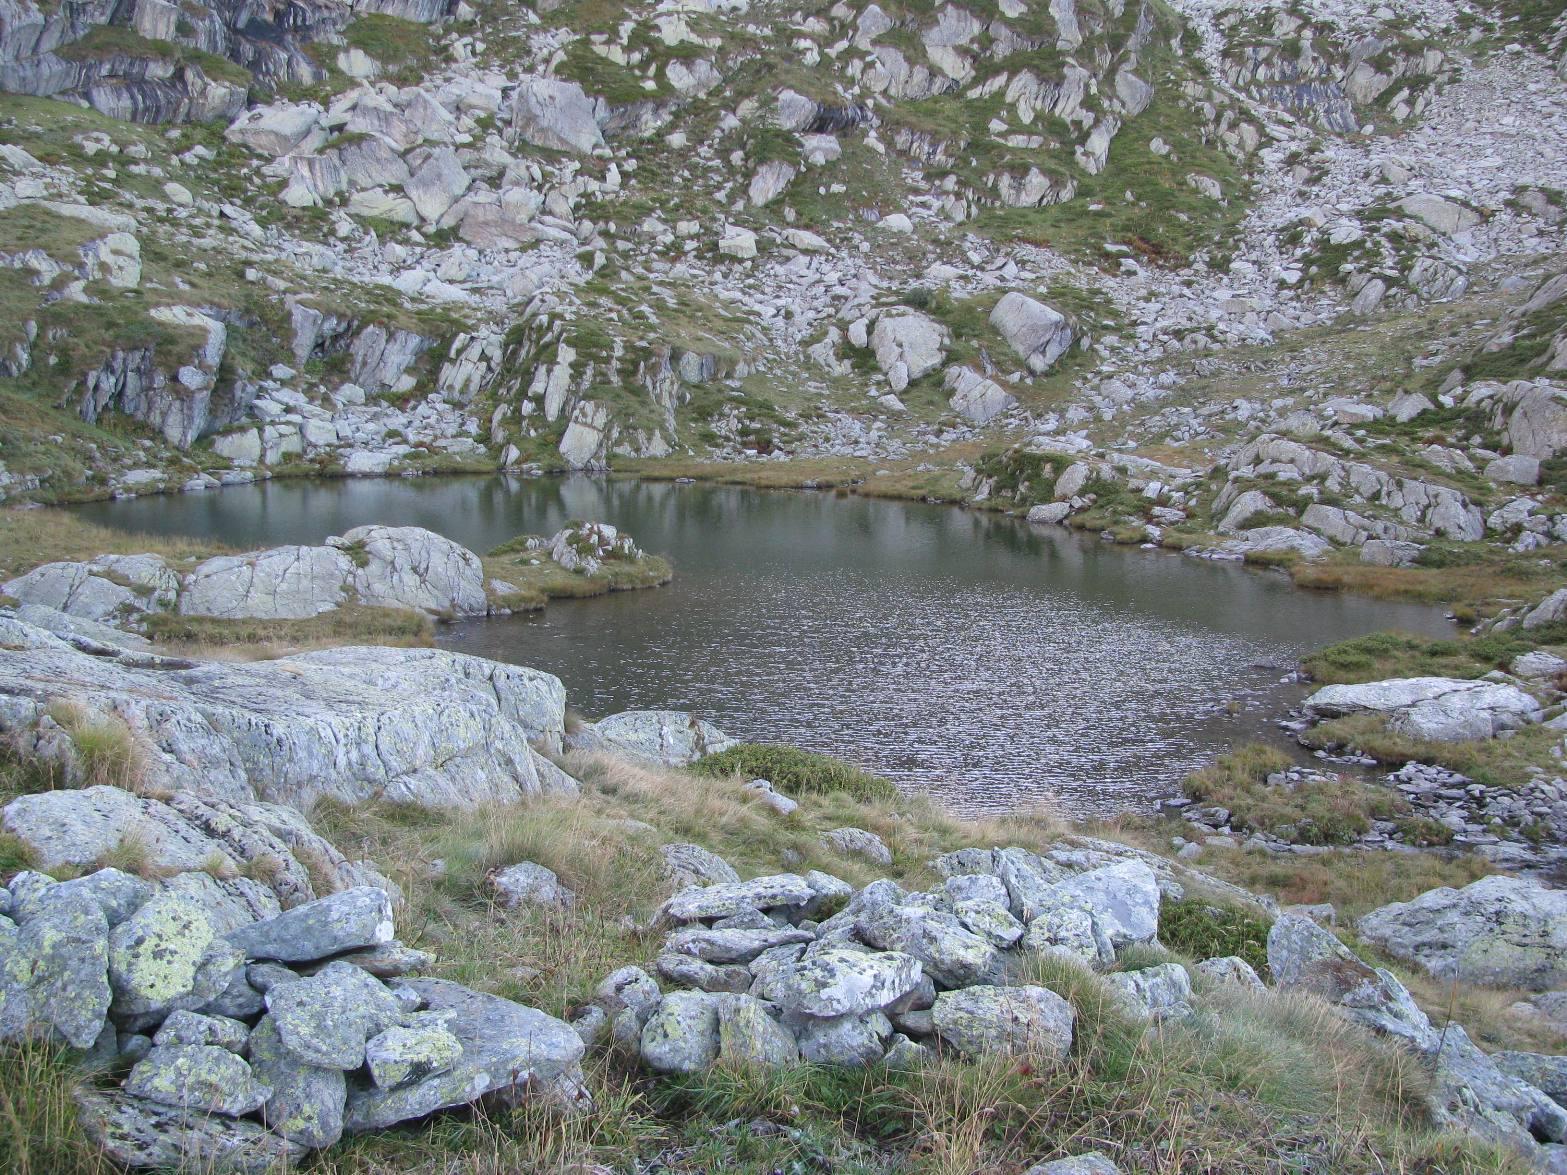 Arrivo al primo lago di Canaussa